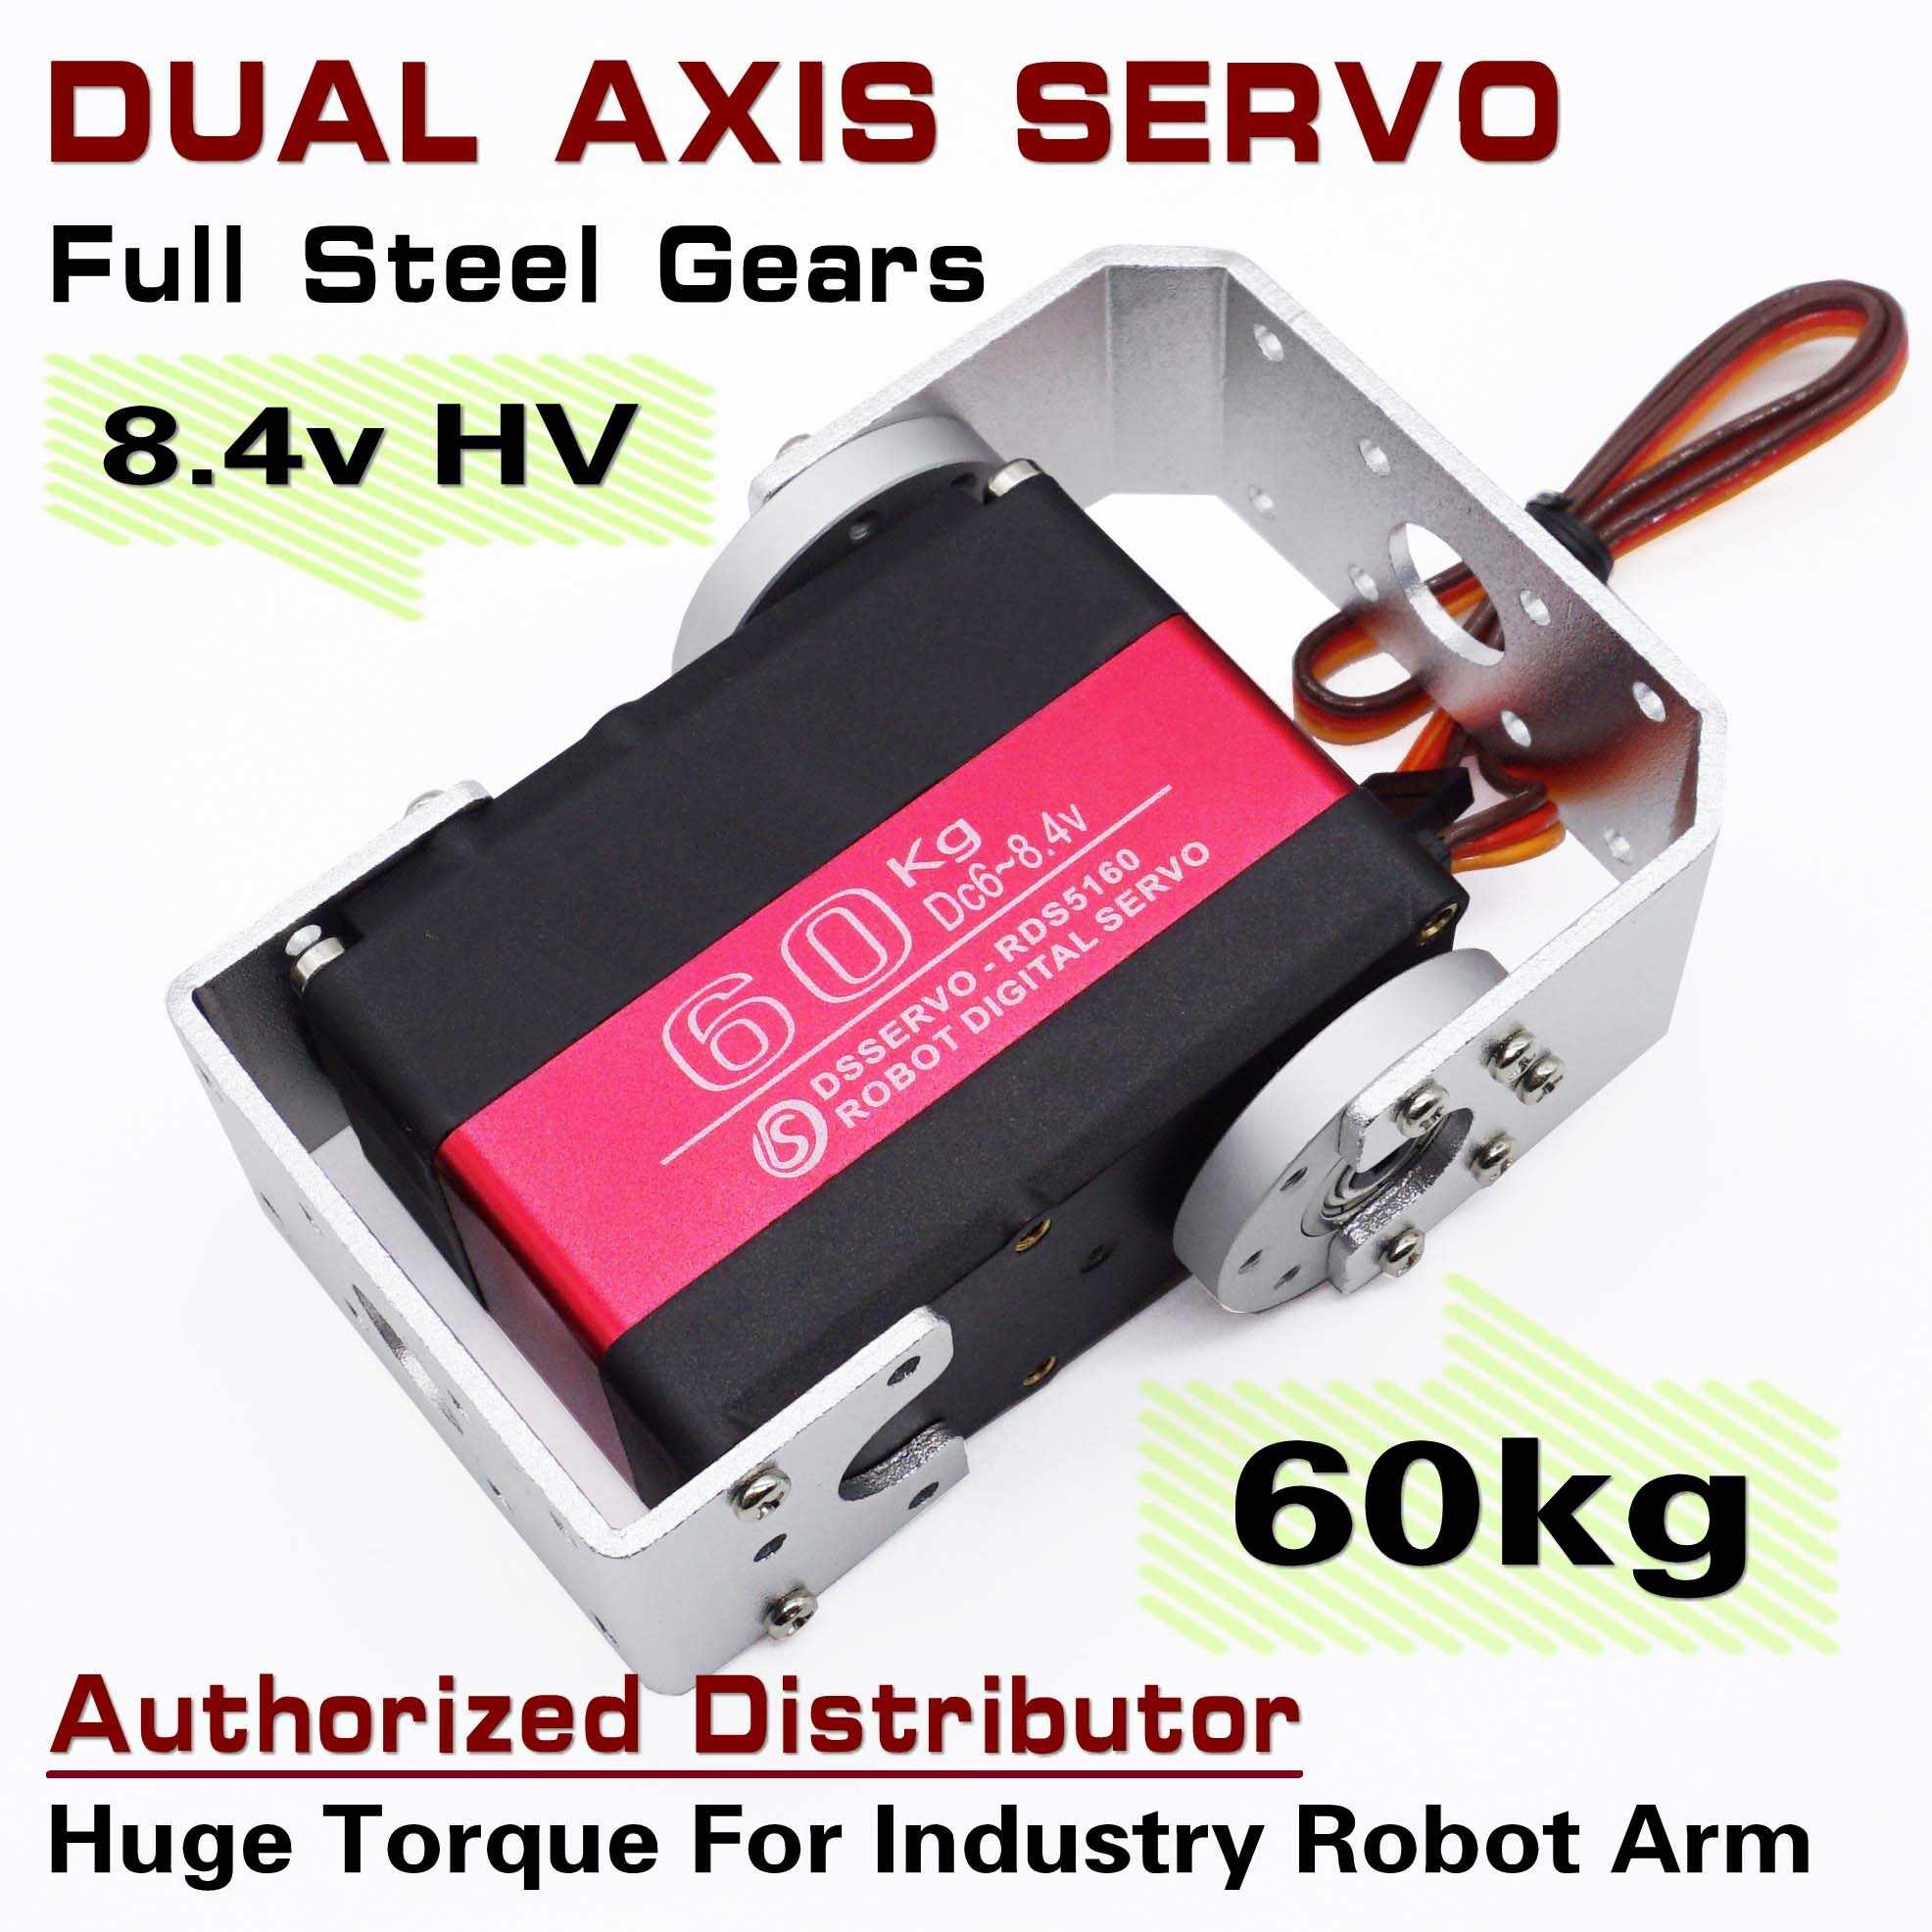 DSSERVO RDS5160 60kg Dual As As Servo Metal Gear Arduino Robot Servo Digitale Servo Voor Robot Arm DIY FPV servo Robotic